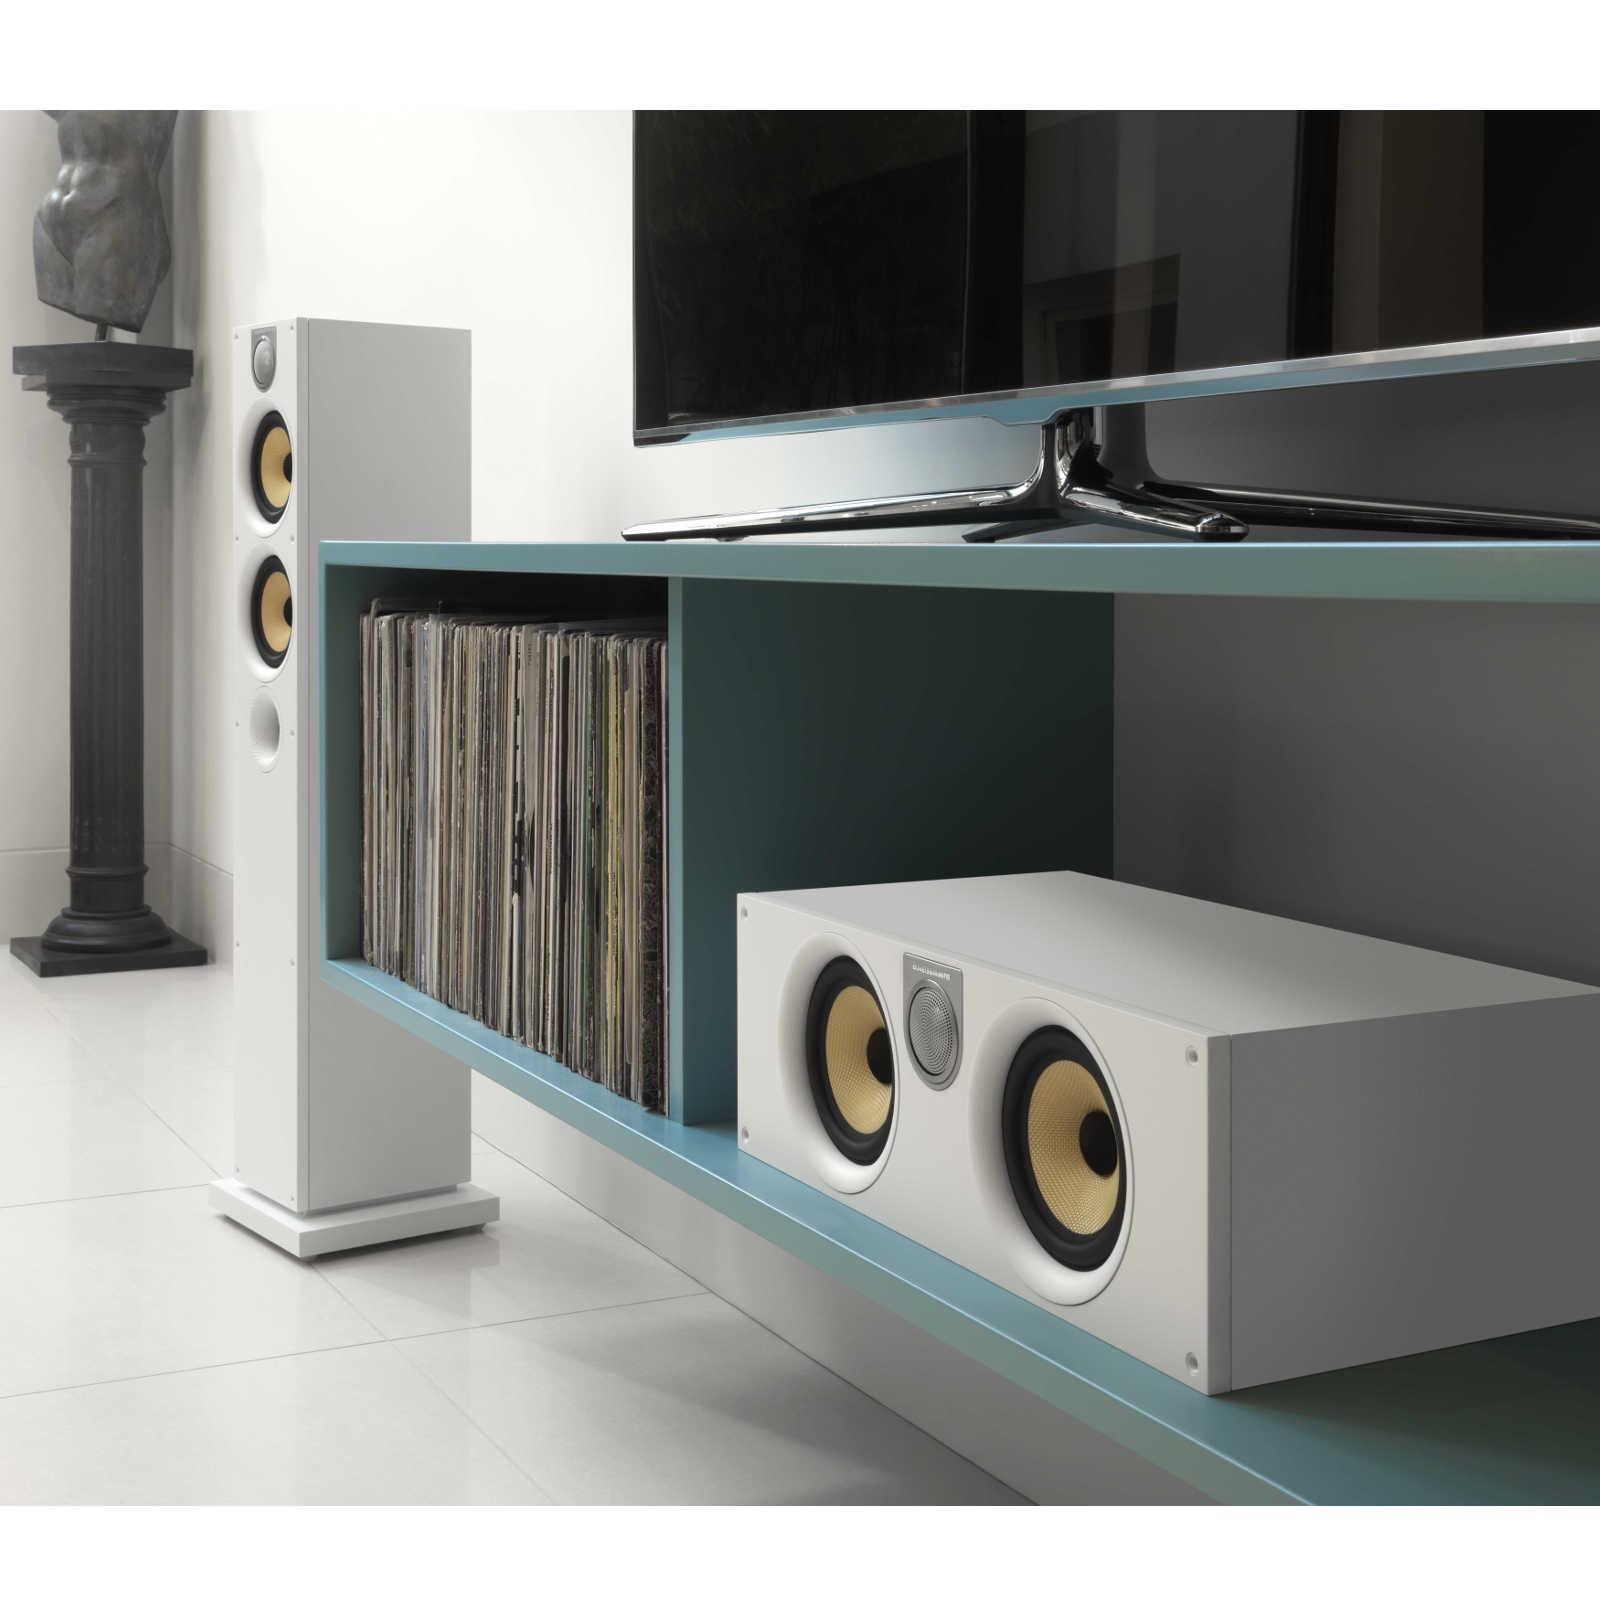 Meuble Pour Home Cinema Decoration Maison Meuble Tv Home Cinema  # Meuble Tv Pour Ampli Home Cinema